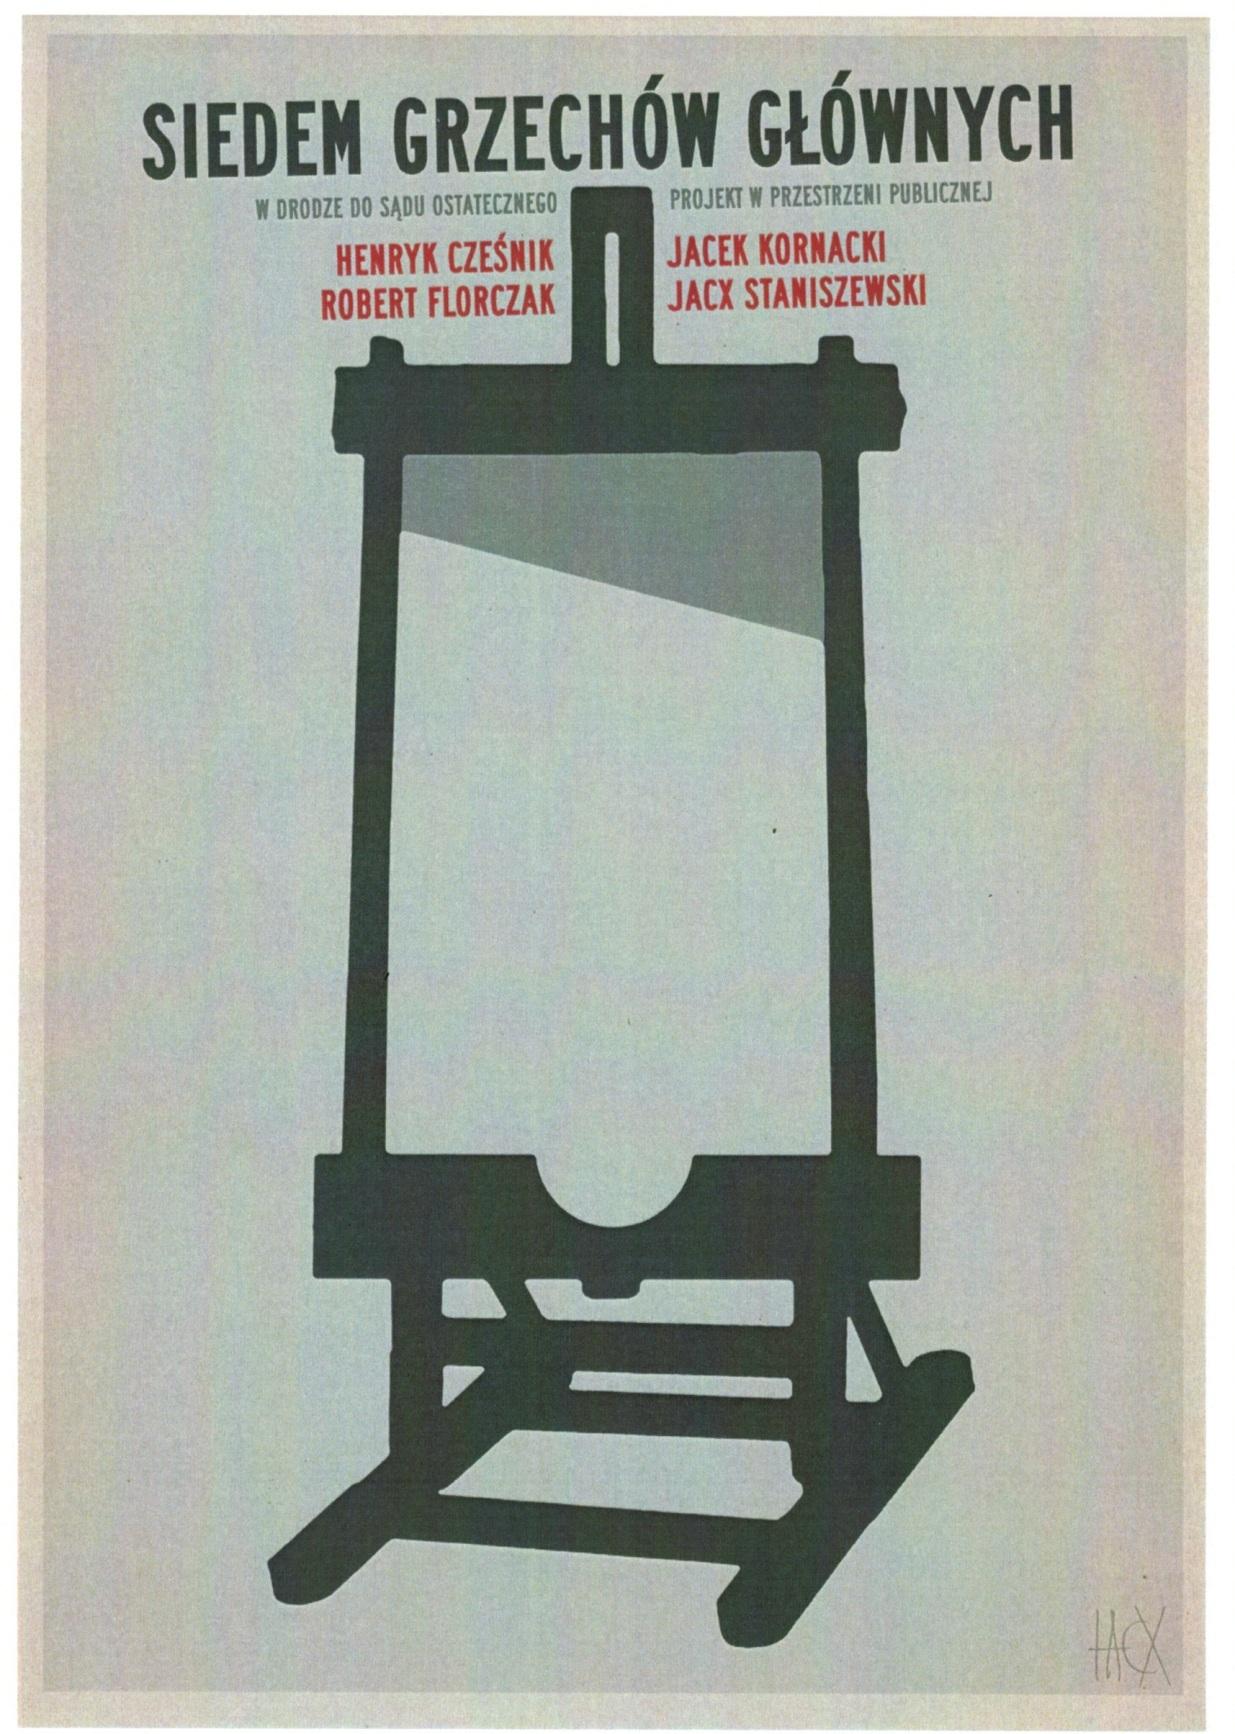 Plakat wystawy Siedem grzechów głównych